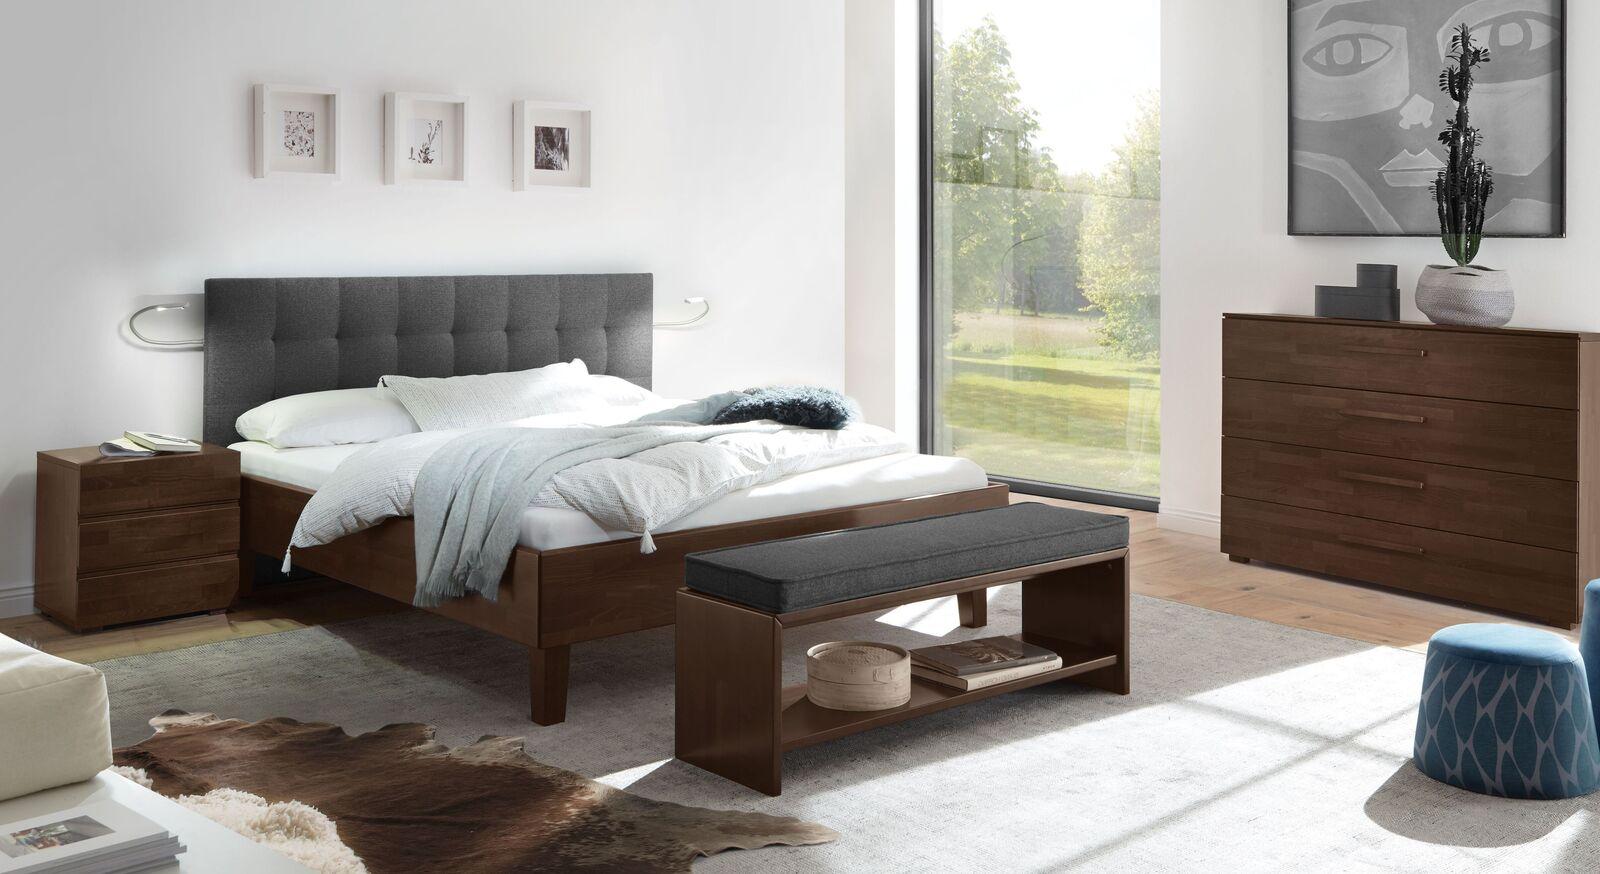 Bett Fucino mit passender Schlafzimmer-Ausstattung